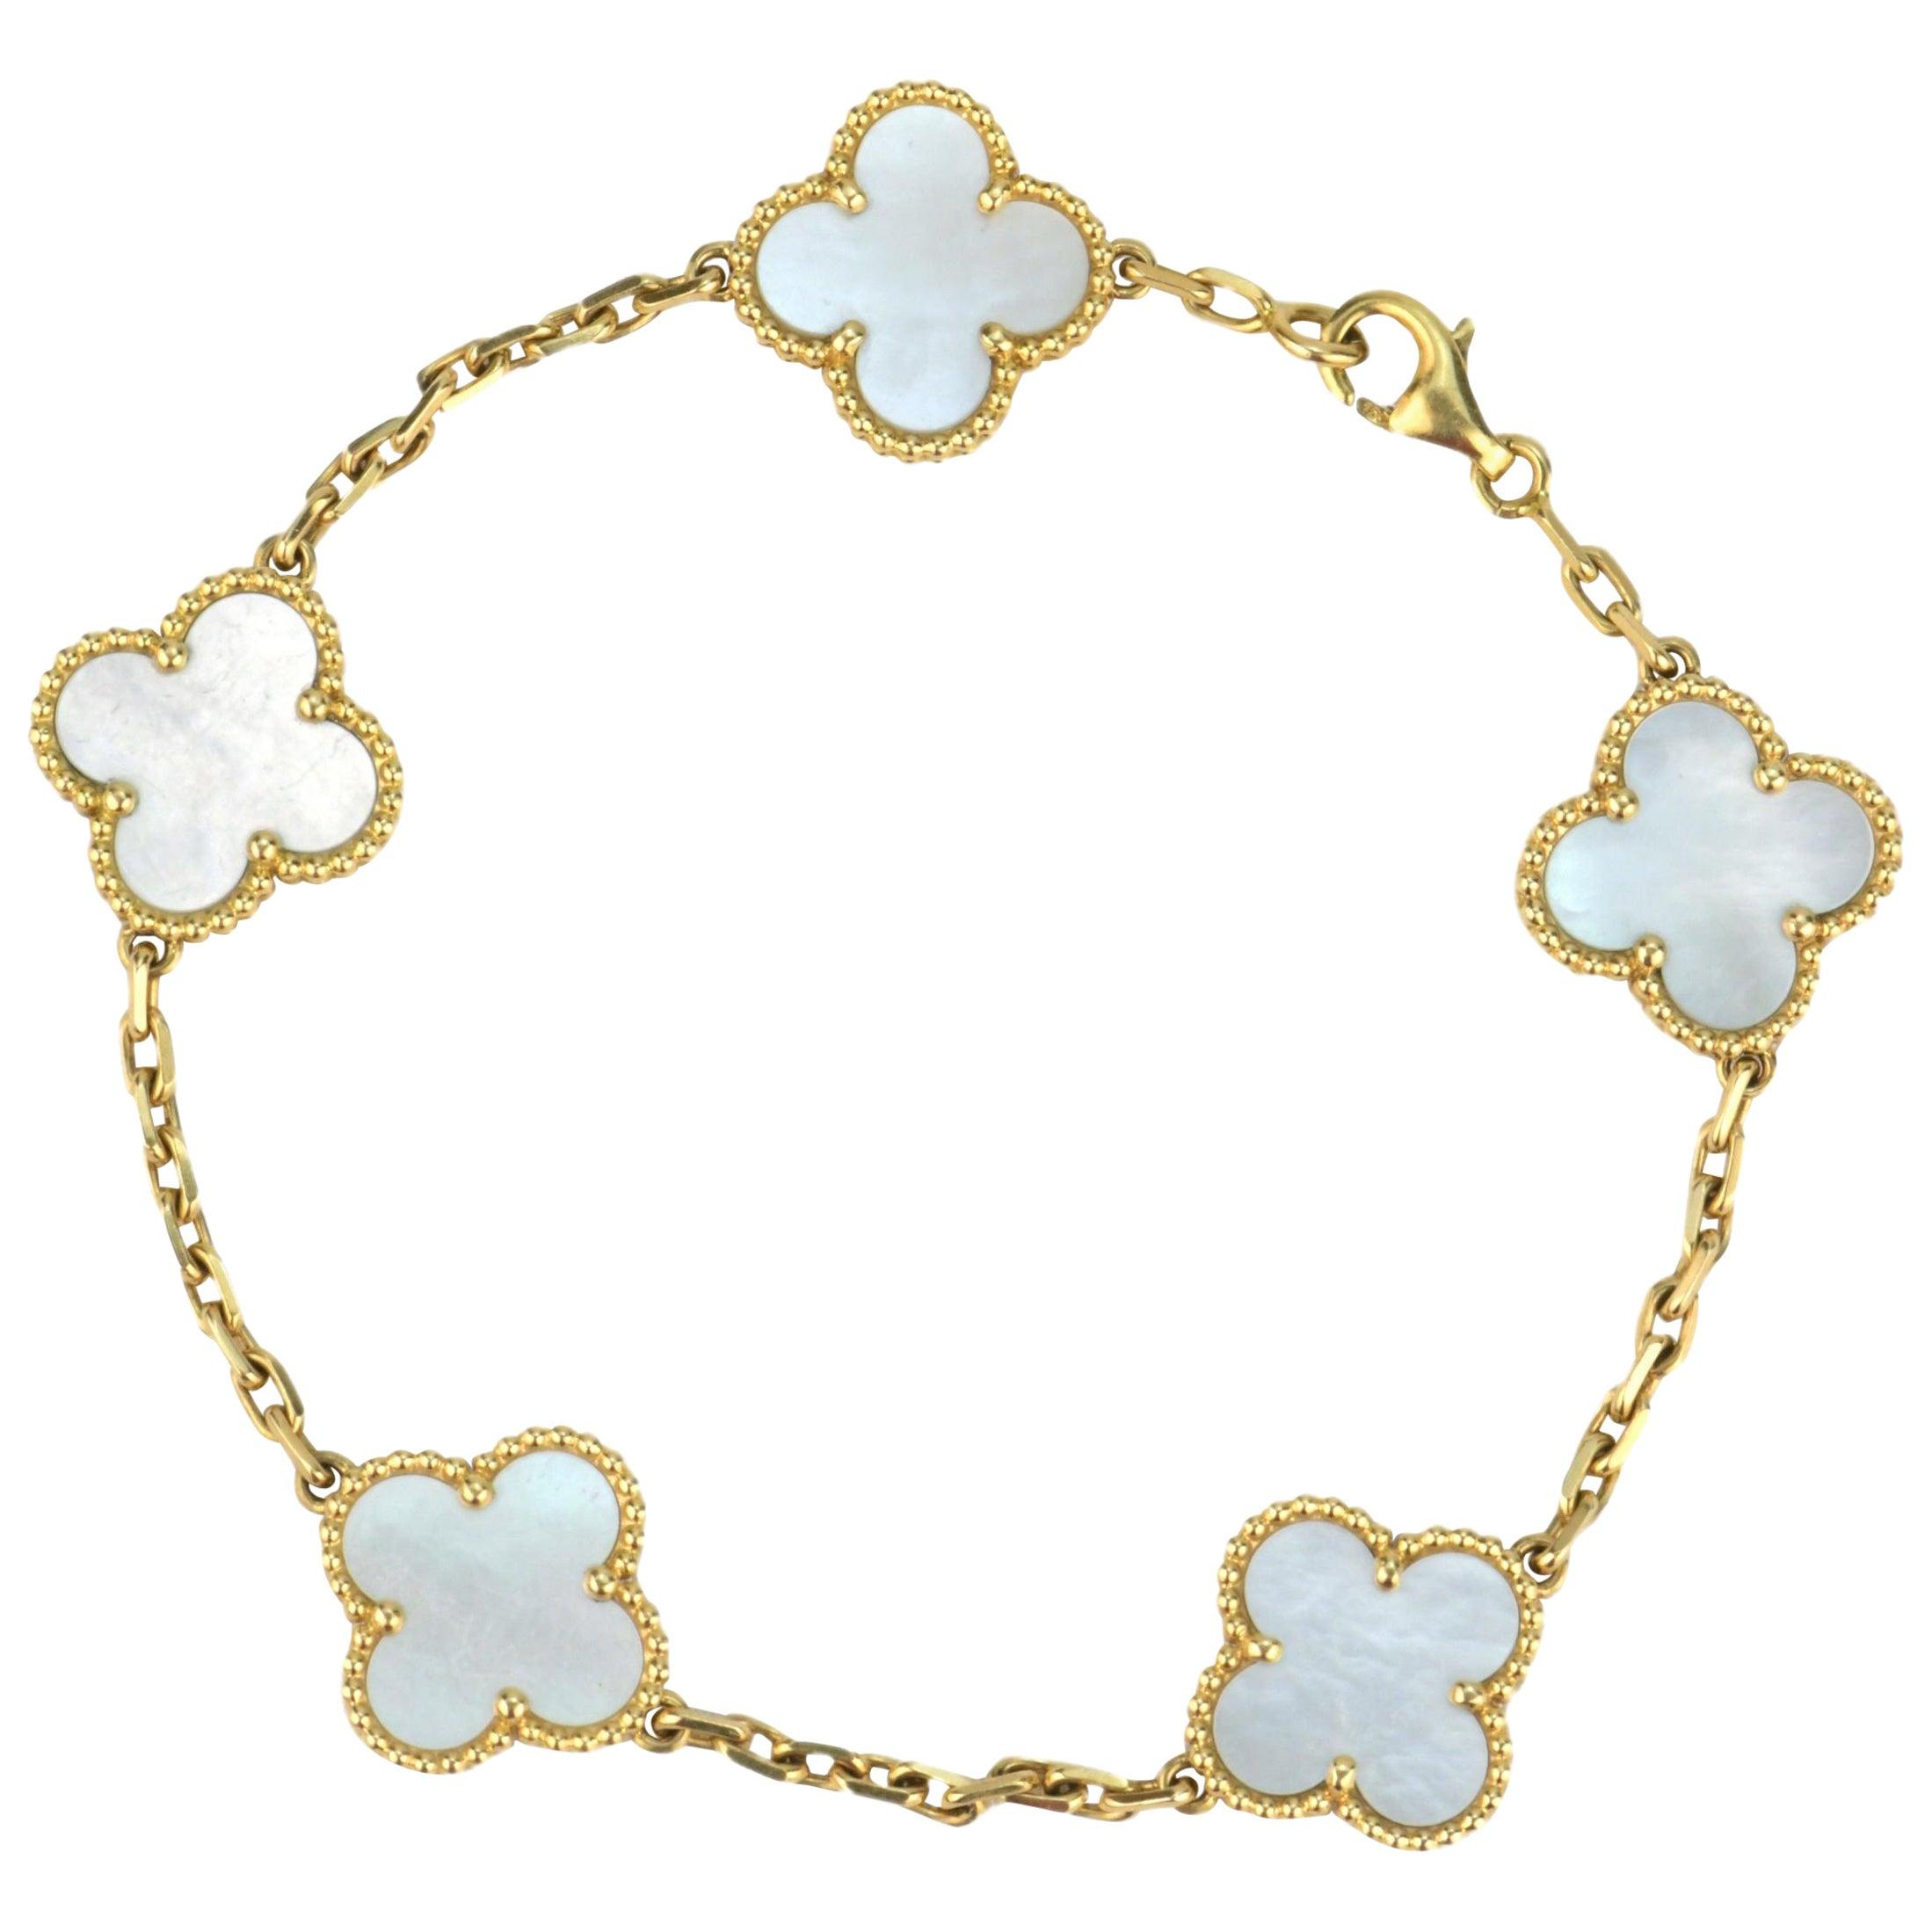 Van Cleef & Arpels 5 Motif Vintage Alhambra Mother of Pearl Bracelet